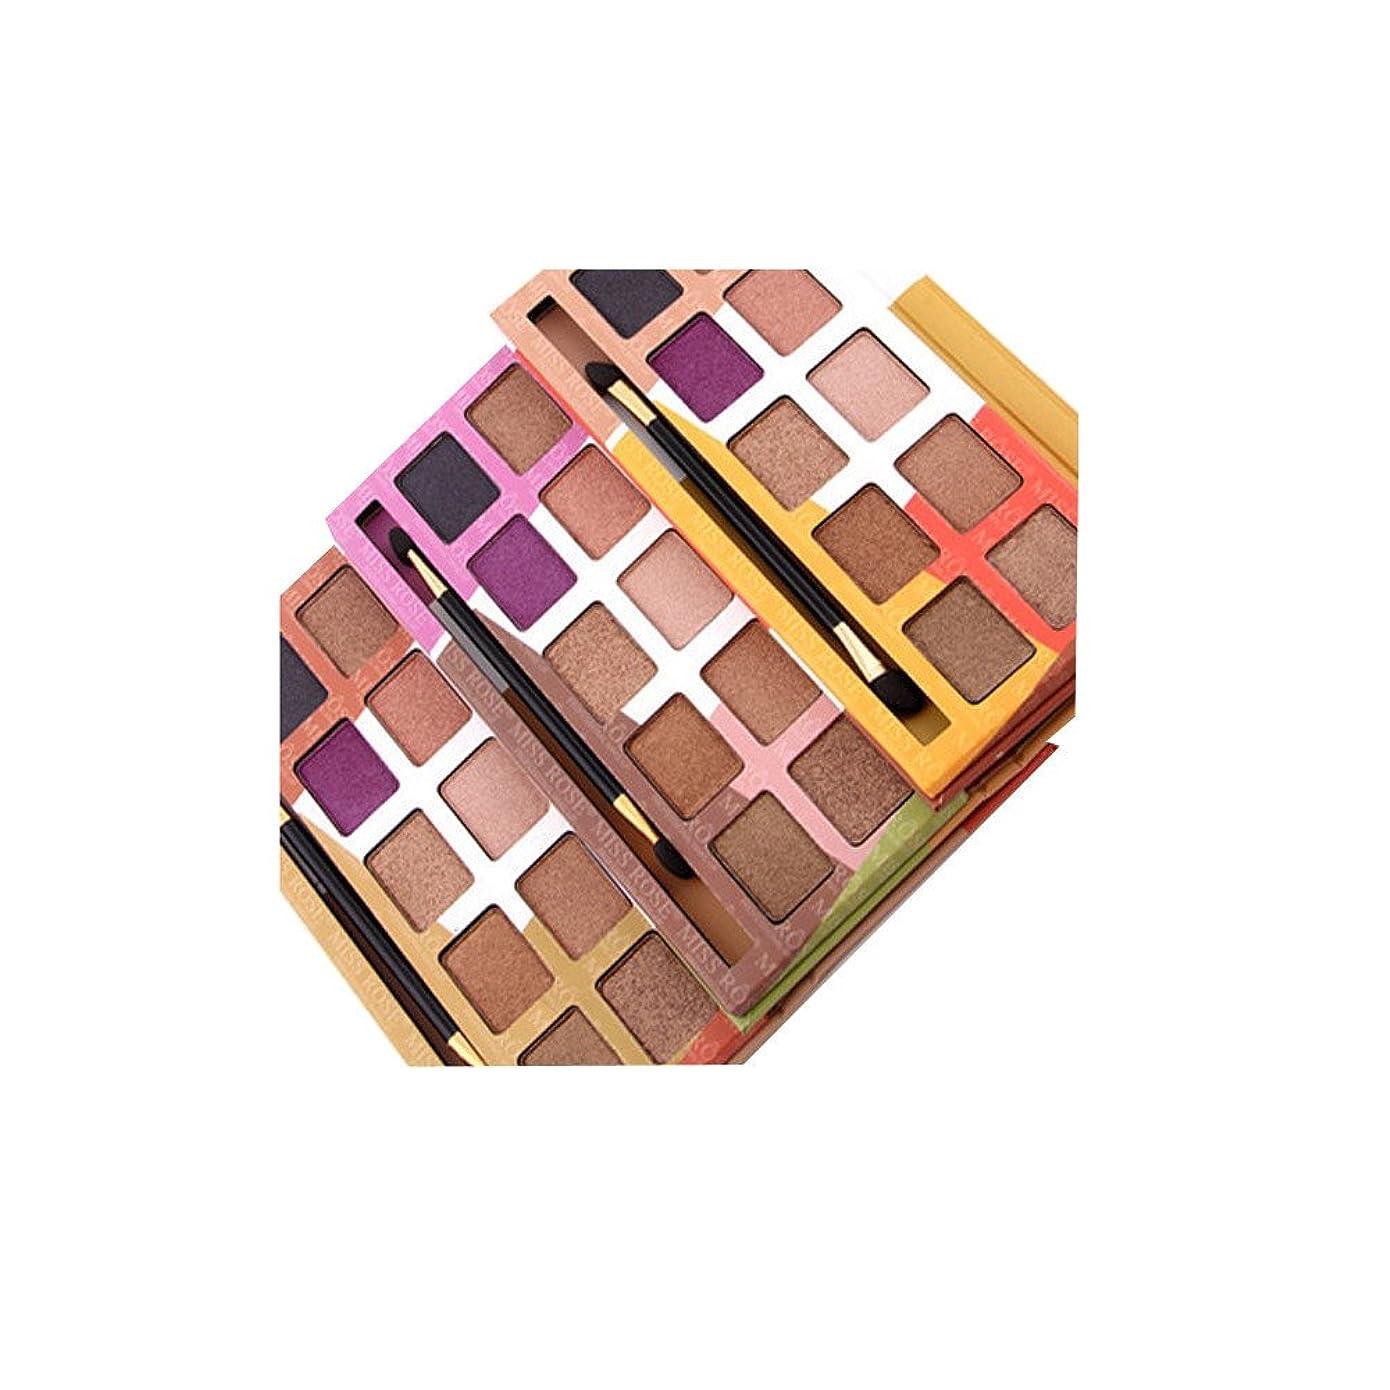 北米変成器お世話になったアイシャドウ パレット 激安 Zoiearl アイシャドウパレット 発色 10色 アイシャドウ パレット 多色 可愛い パール/マット アイシャドウ 発色の良い 立体自然 極め細かい チークパレット ピンク系 保湿 夢まぼろし ブラウン系 オレンジ系 オレンジピンク 防水 日系 携帯便利 発色アイシャドウ アイシャドウチップ 人気 スティックシマー 可愛い 日韓系/欧米風 ワインパーティーブラウン系 グレージュ系 パープル系 ブルー系 ワイン ピンク オレンジ パープル ブラウン ゴールド ピンクブラウン ピンク パール 青 ゴールド パープル マット韓国 高発色 アイシャドウ パレット メイクアップ 化粧パウダー ハイライト アイシャドウベース パウダー マットアイシャドー パールアイシャドー メイクアップパレット披露宴 パーティー デート 卒業式 入学式 カジュアル デート コスプレ 旅行 通学 通勤 日常化粧 ビューティー 初心者/プロ者 学生/社会人 海外人気 ナチュラル コスメ 素晴らしい発色